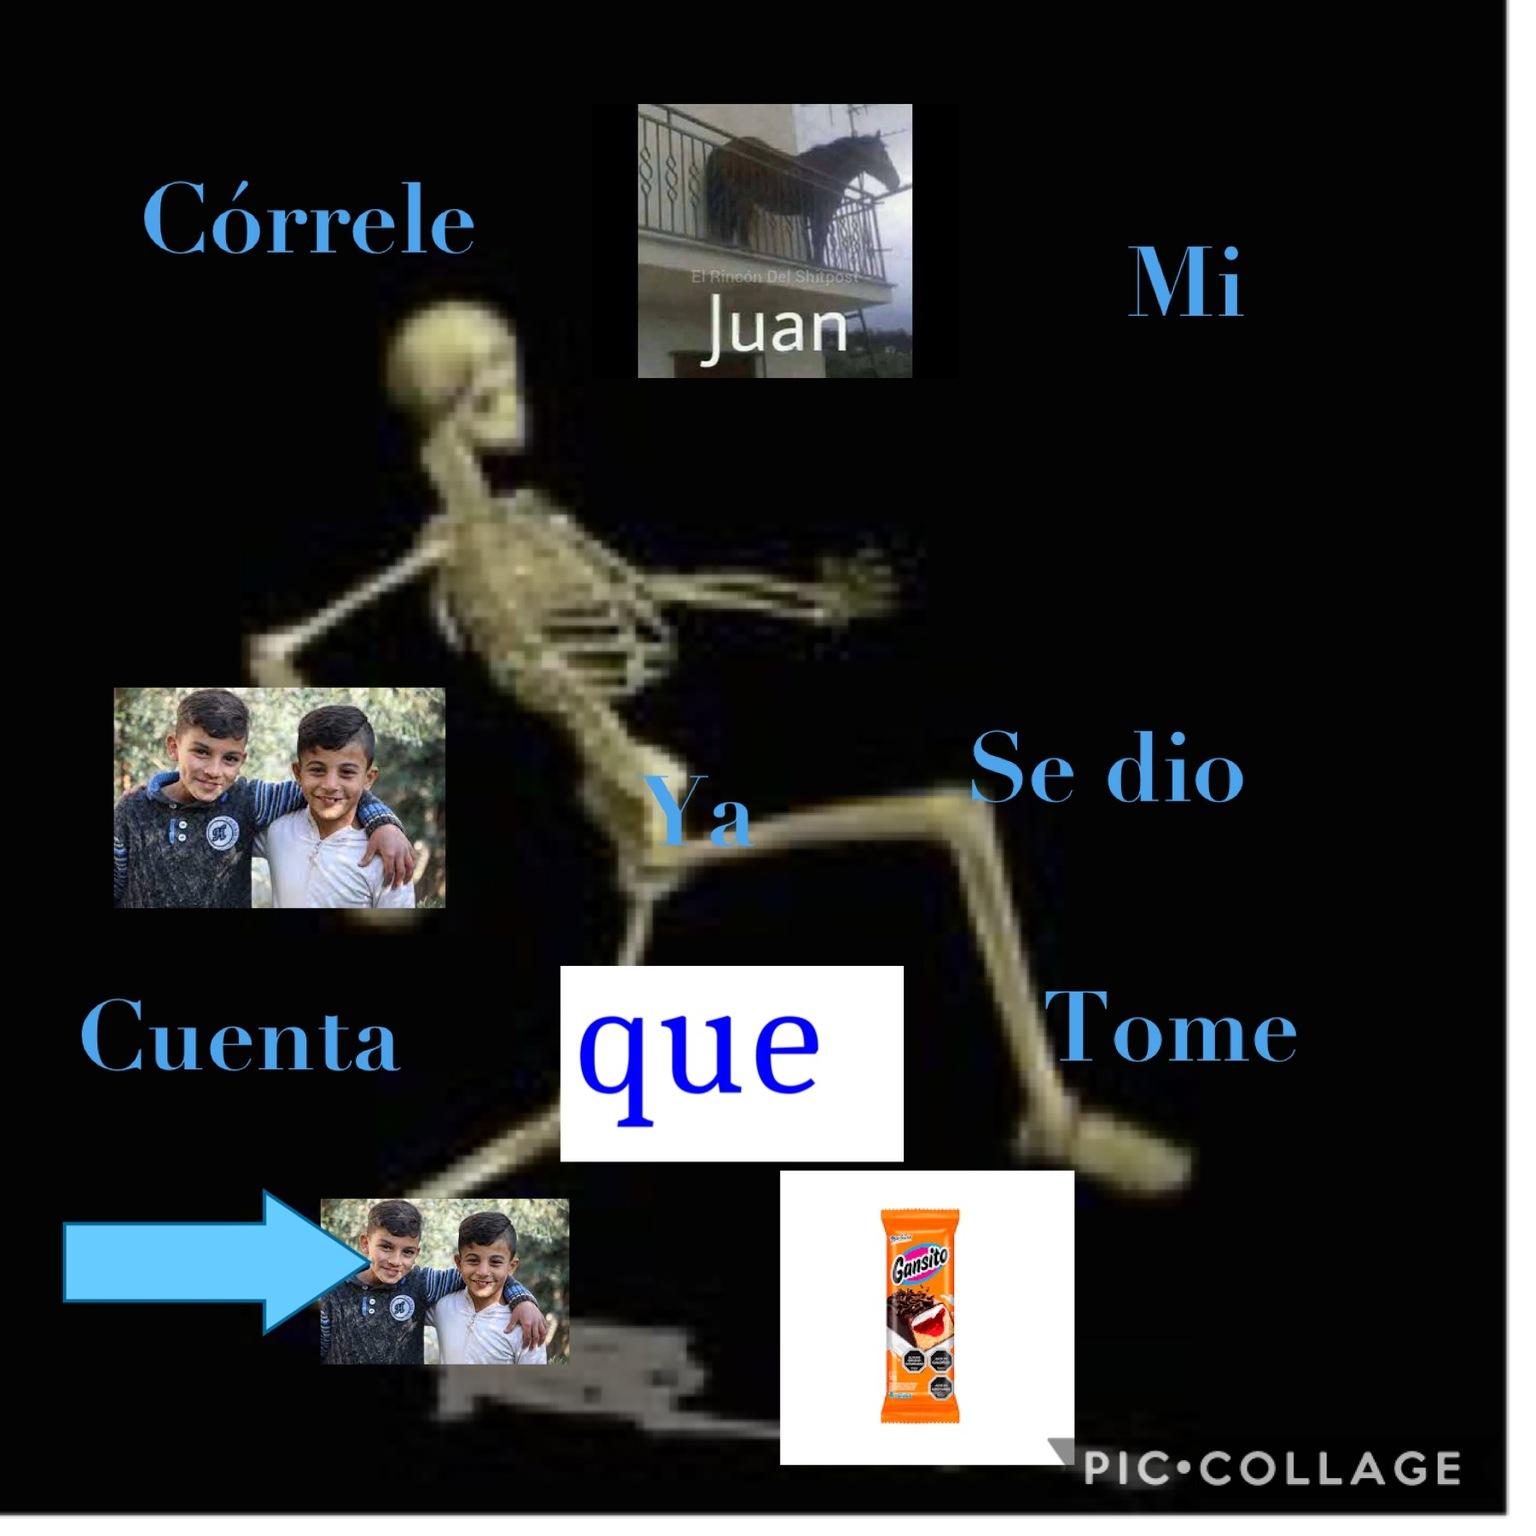 Córrele Juan - meme